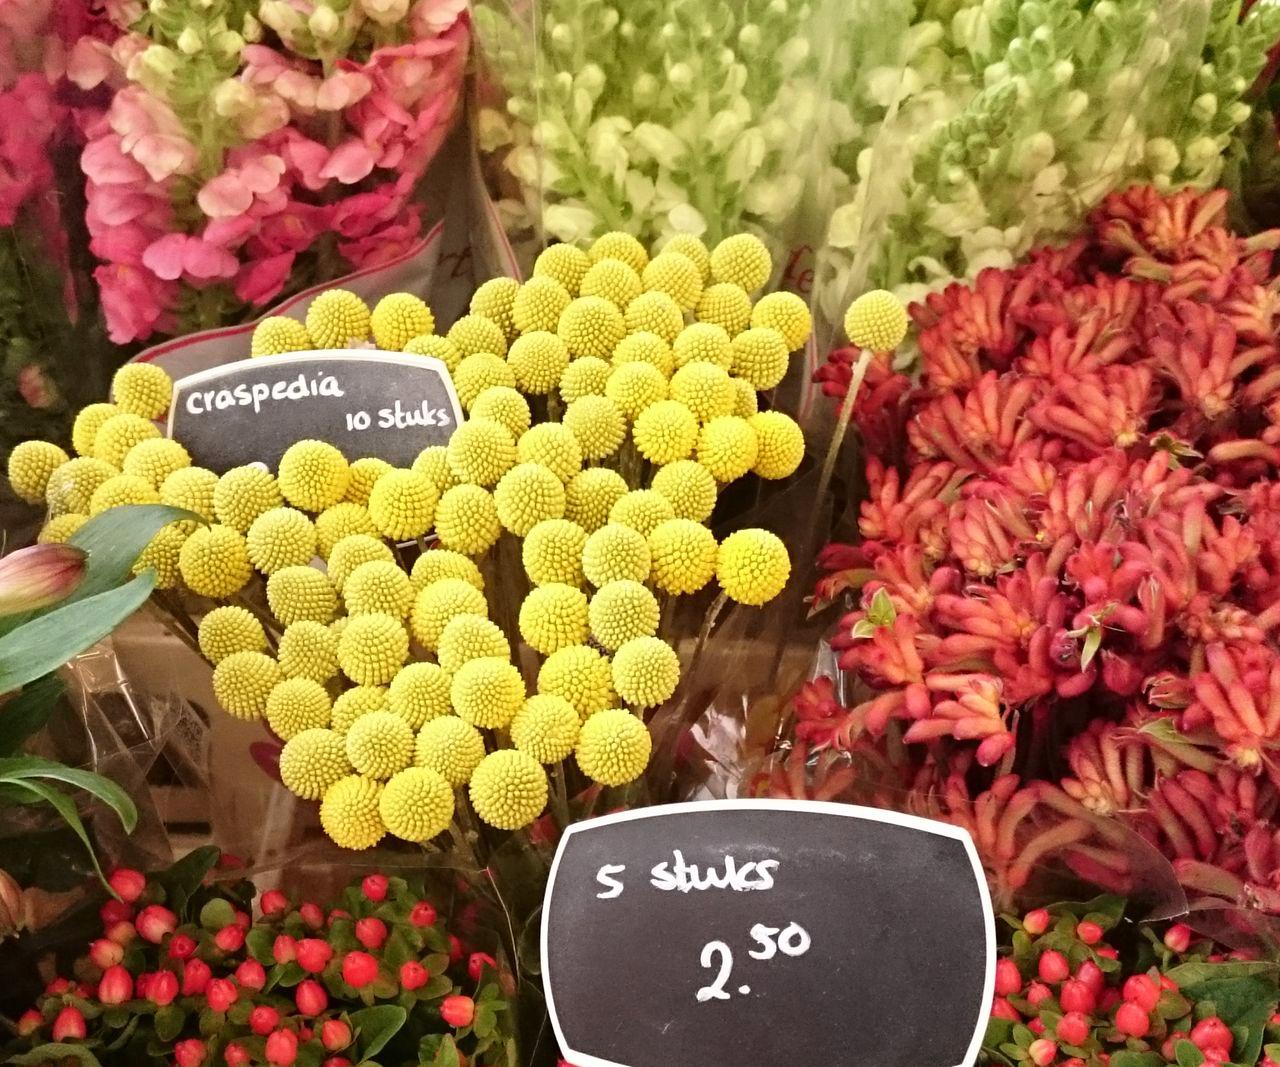 Groningen - city of flowers